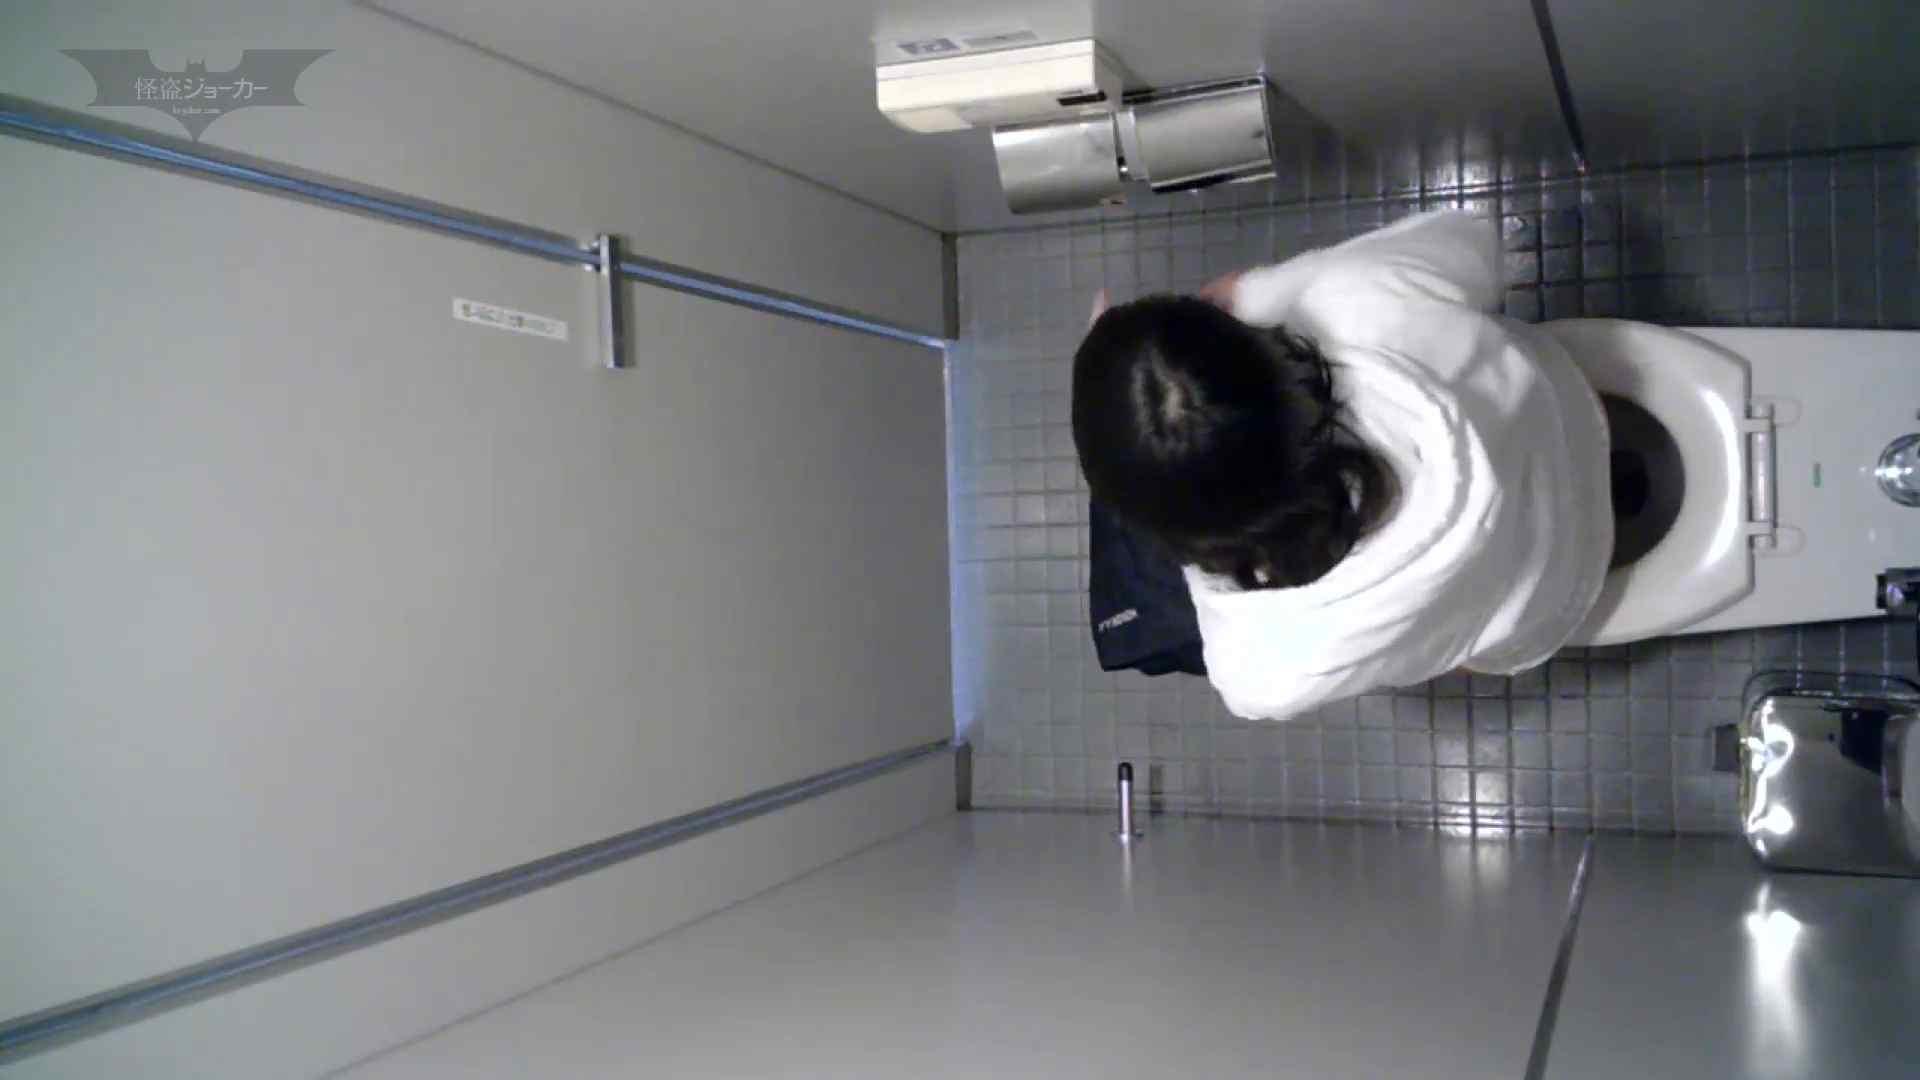 有名大学女性洗面所 vol.58 アンダーヘアーも冬支度? 洗面所  111画像 10